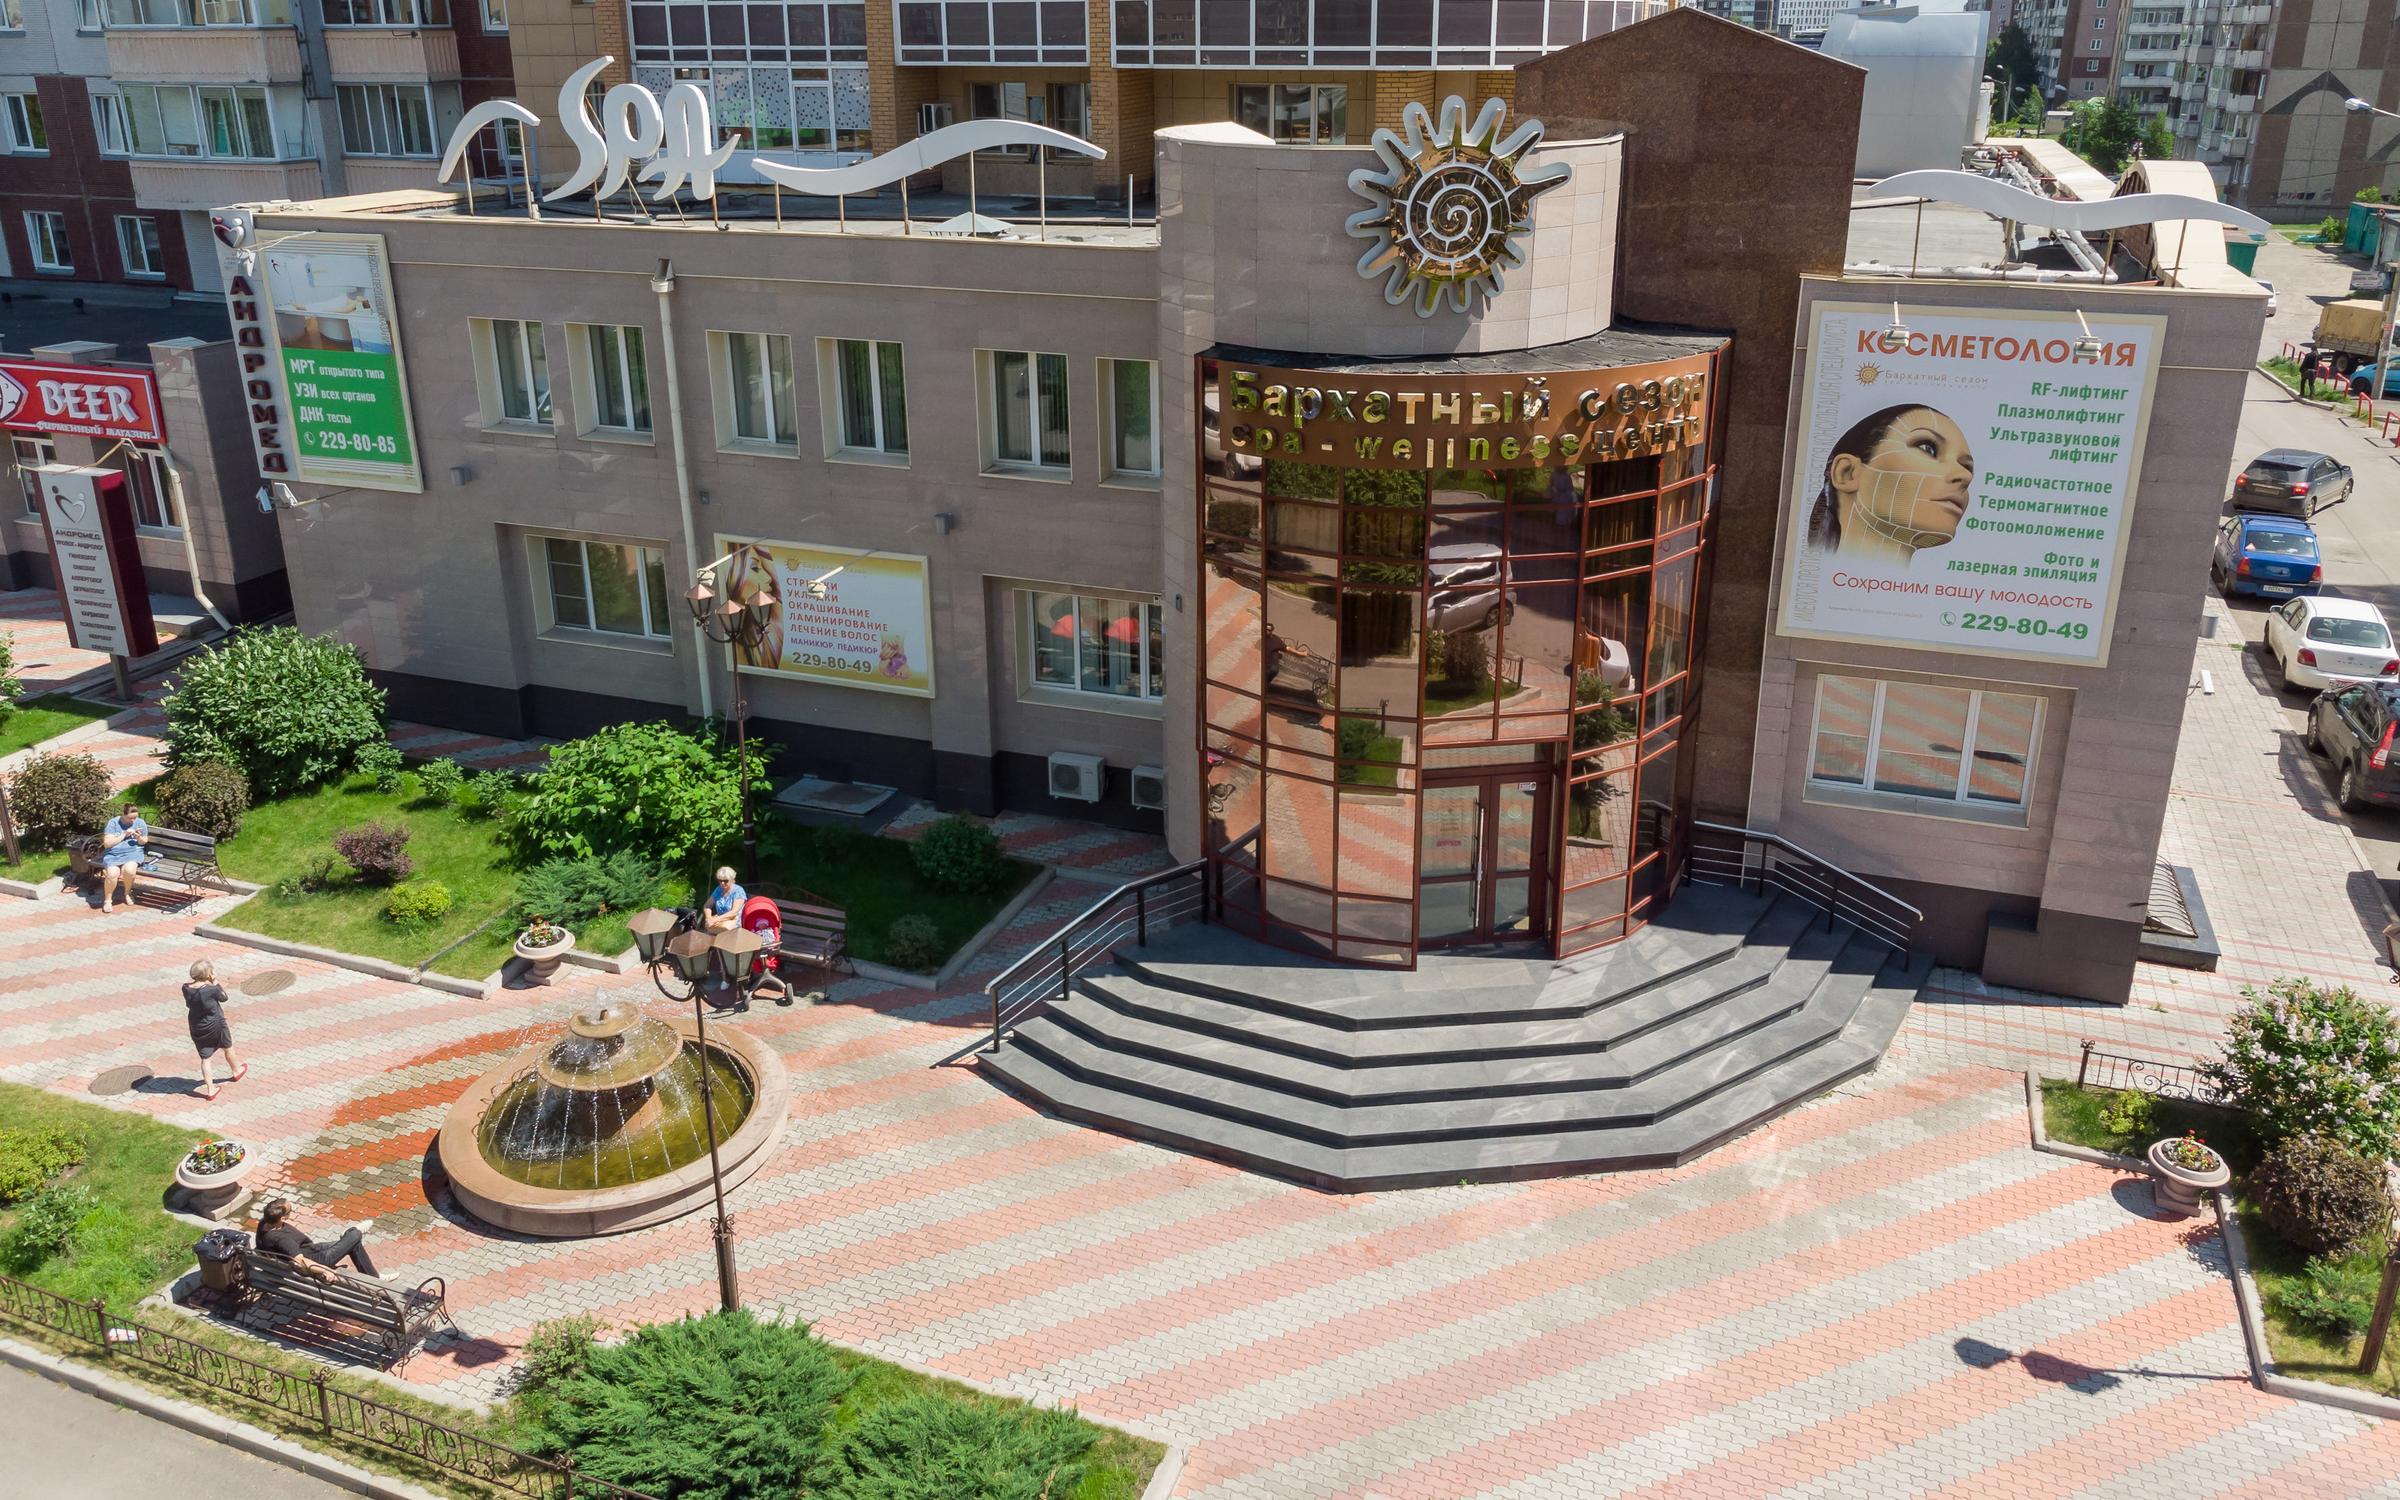 фотография Spa-wellness центра Бархатный сезон на улице Весны